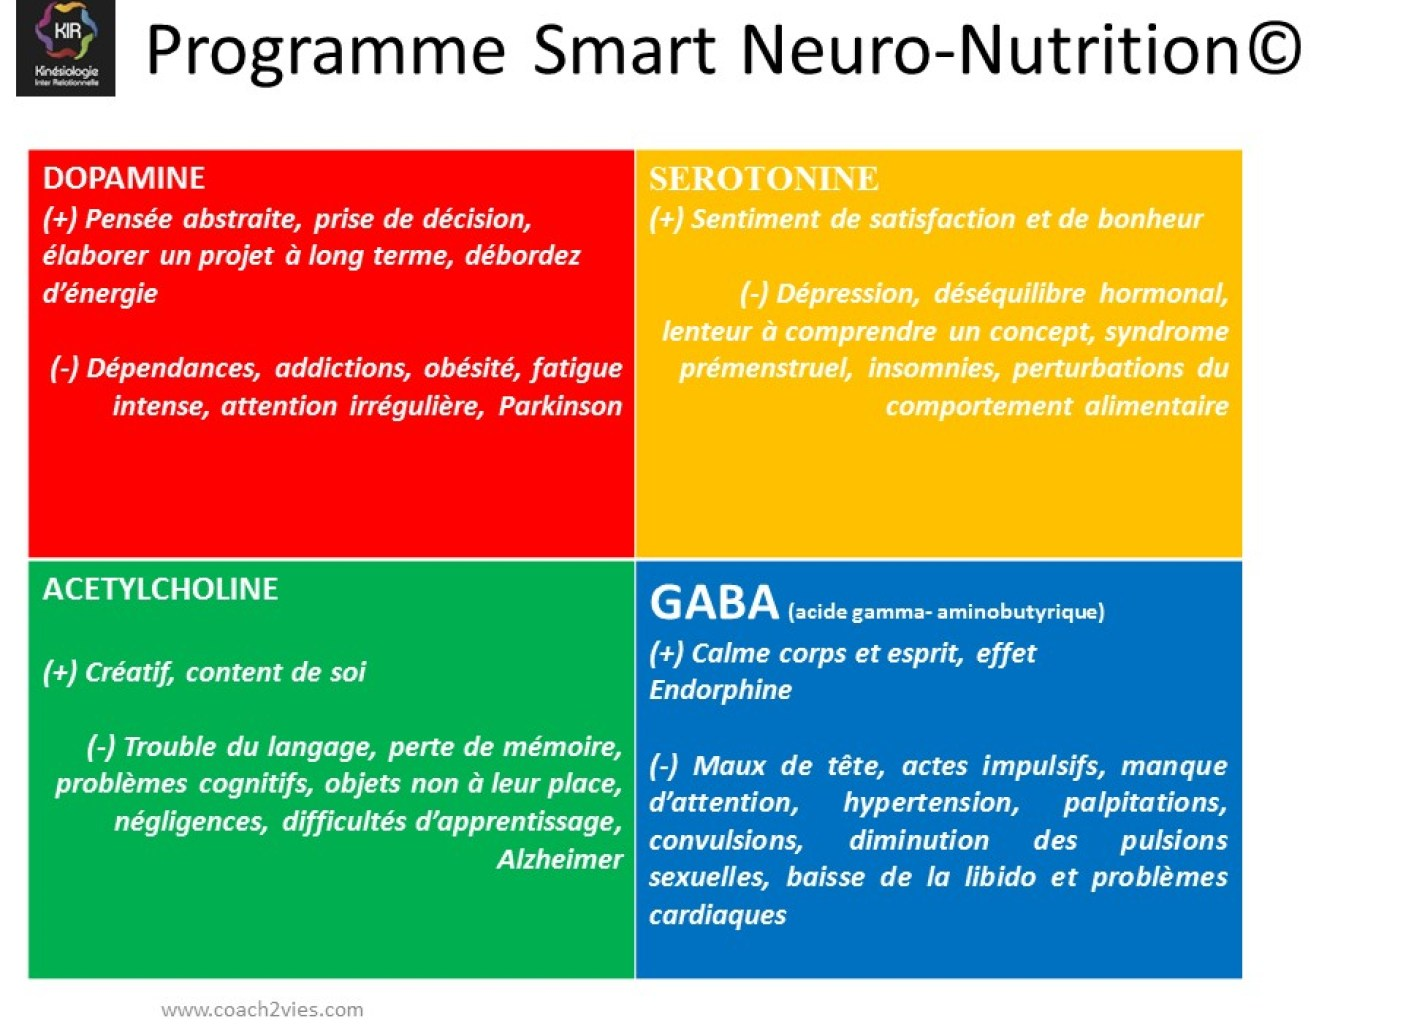 Programme Smart Neuro-Nutrition